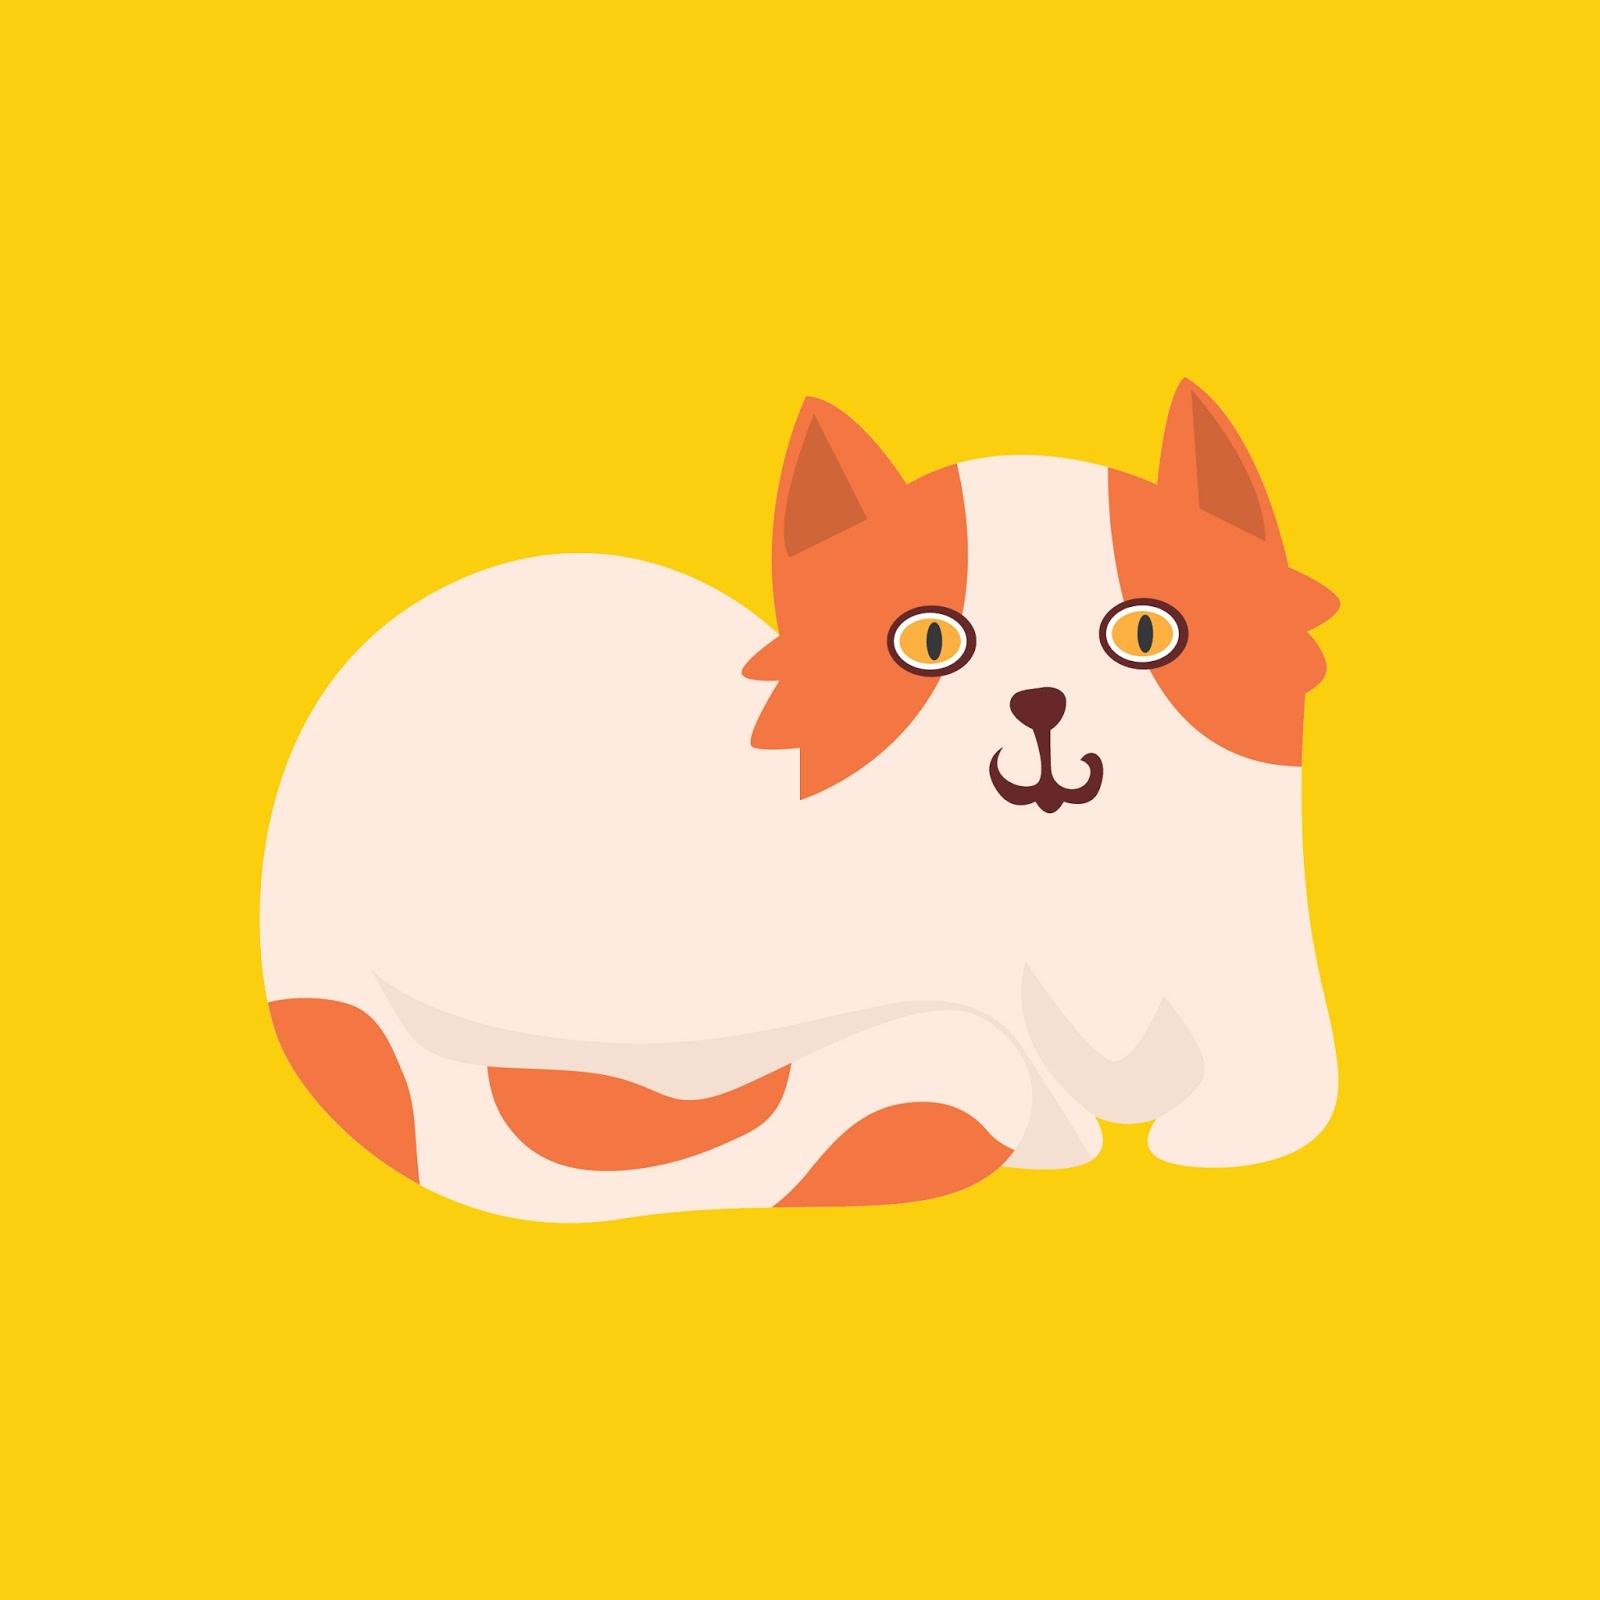 1600x1600 Free Download Cat Clip Art Vector Accalia Digital